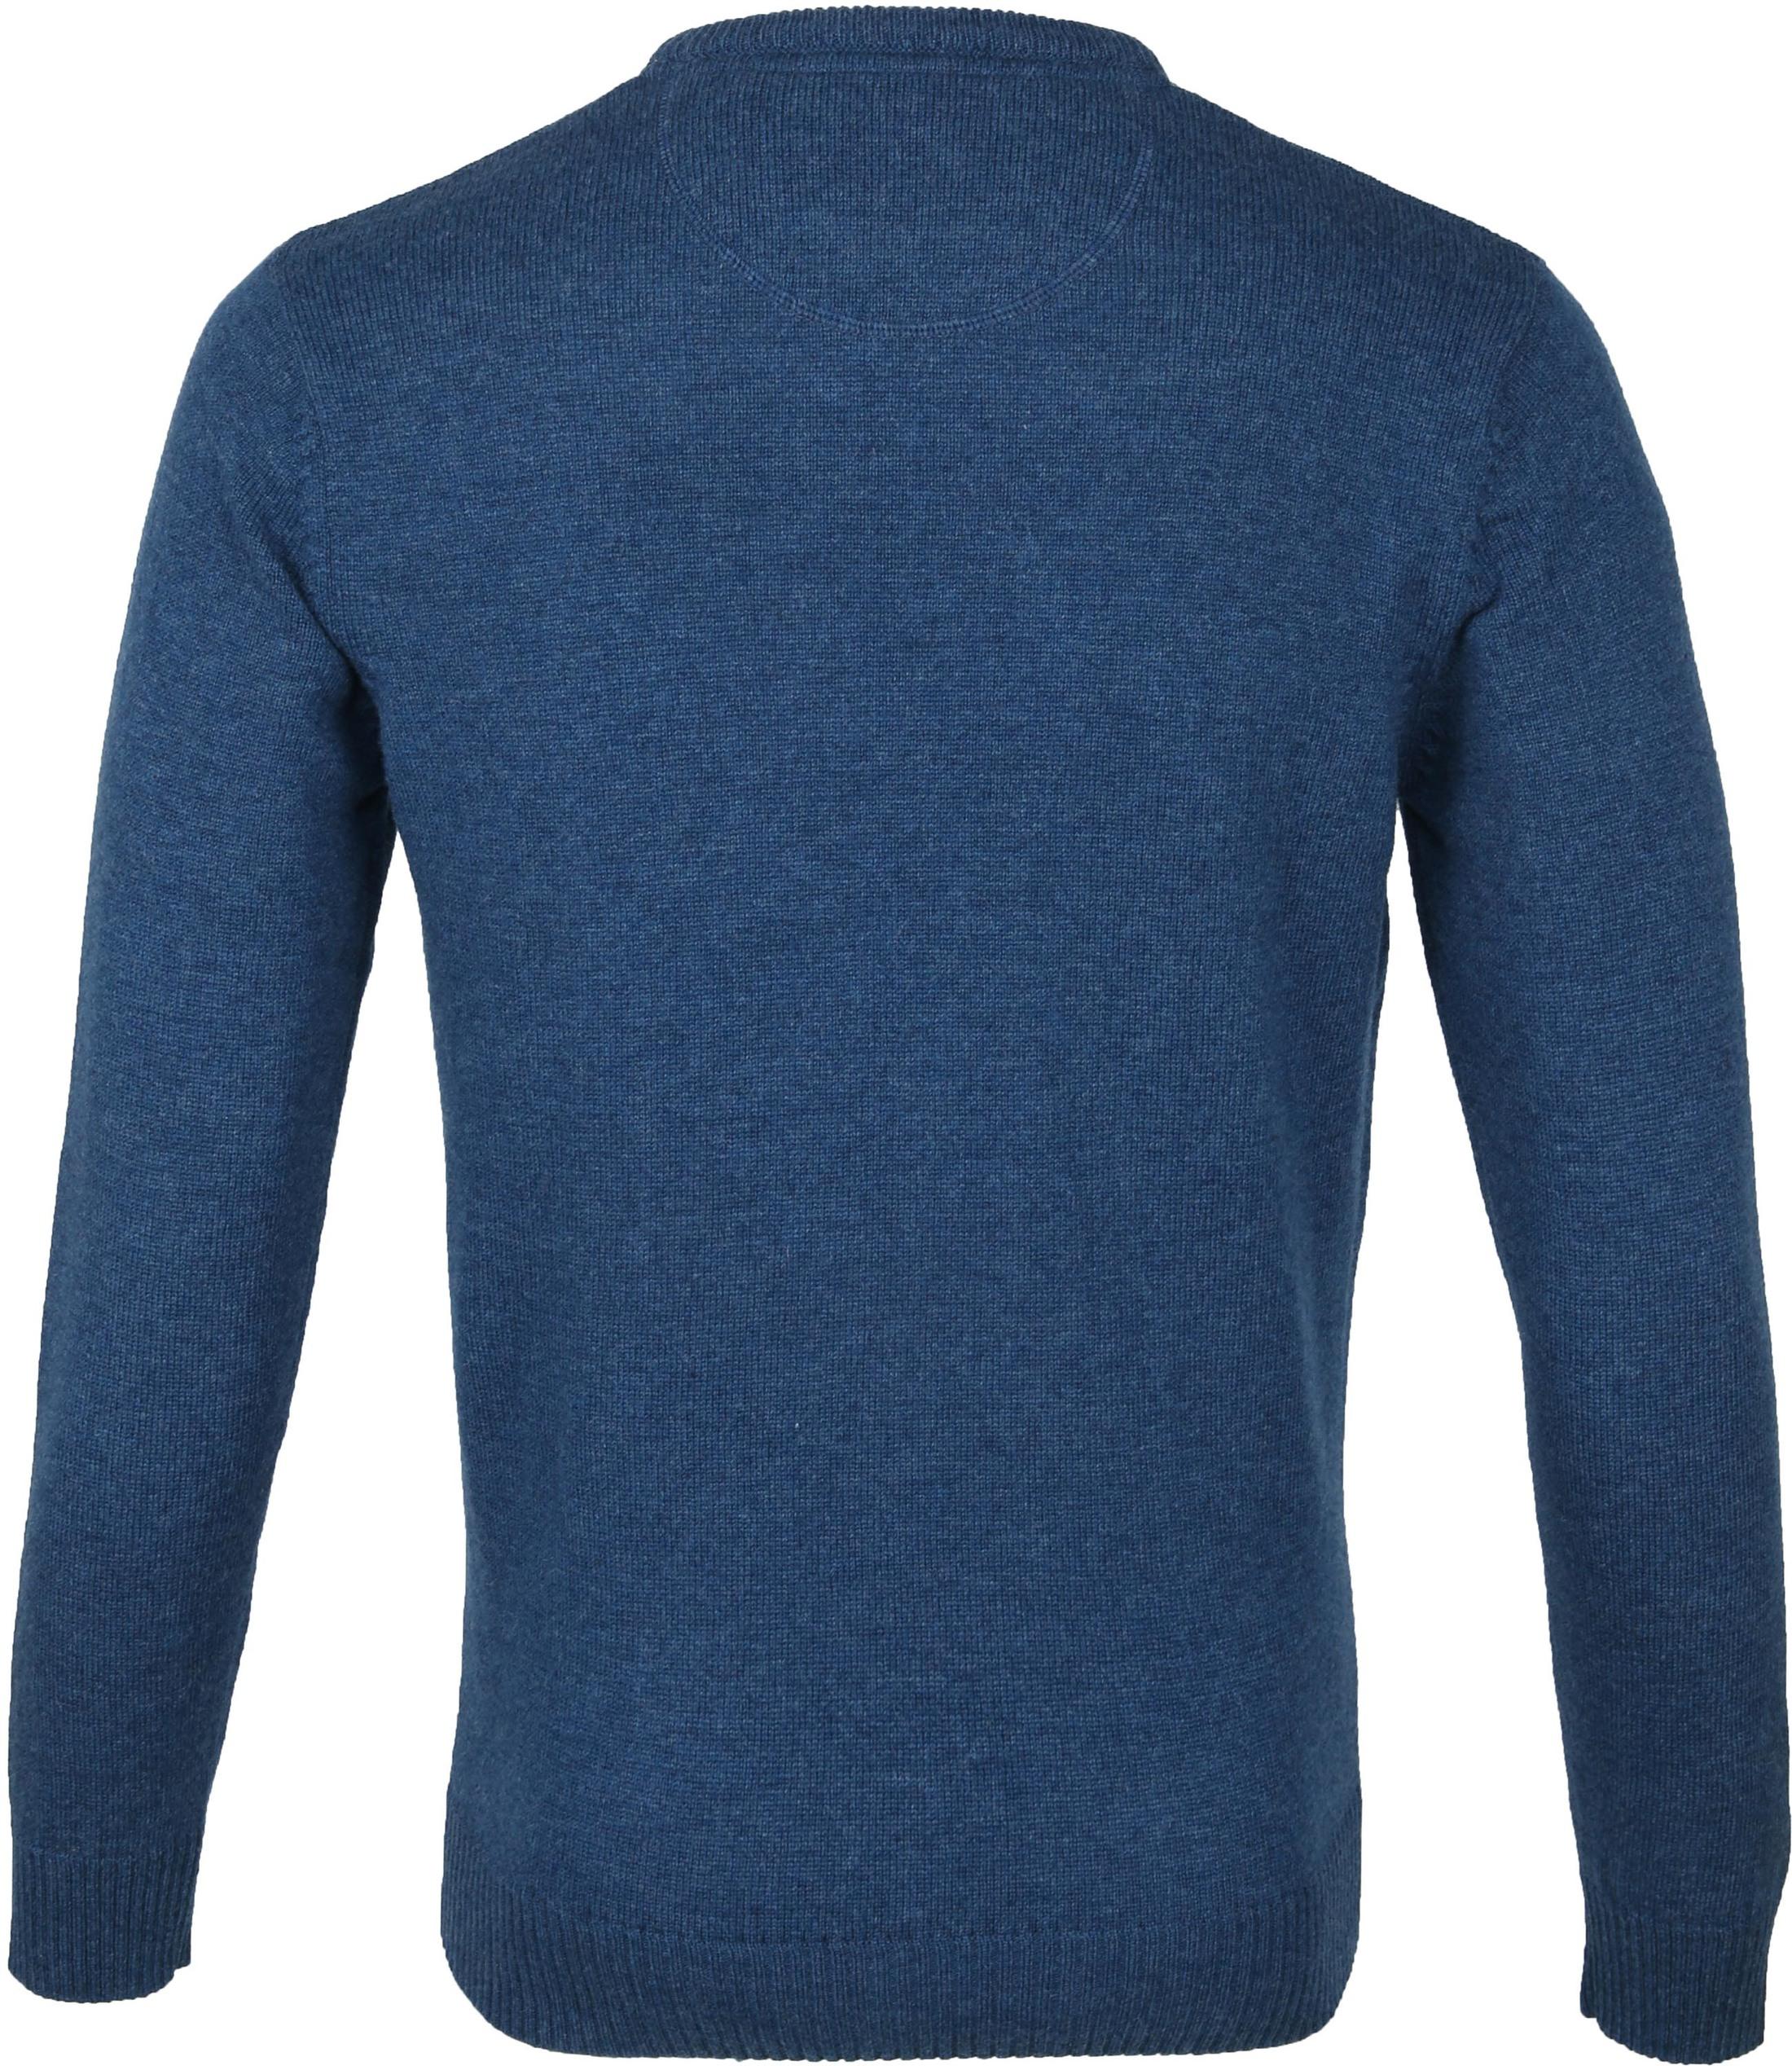 Suitable Fijn Lamswol 9 garen Pullover O-Hals Petrol Blauw